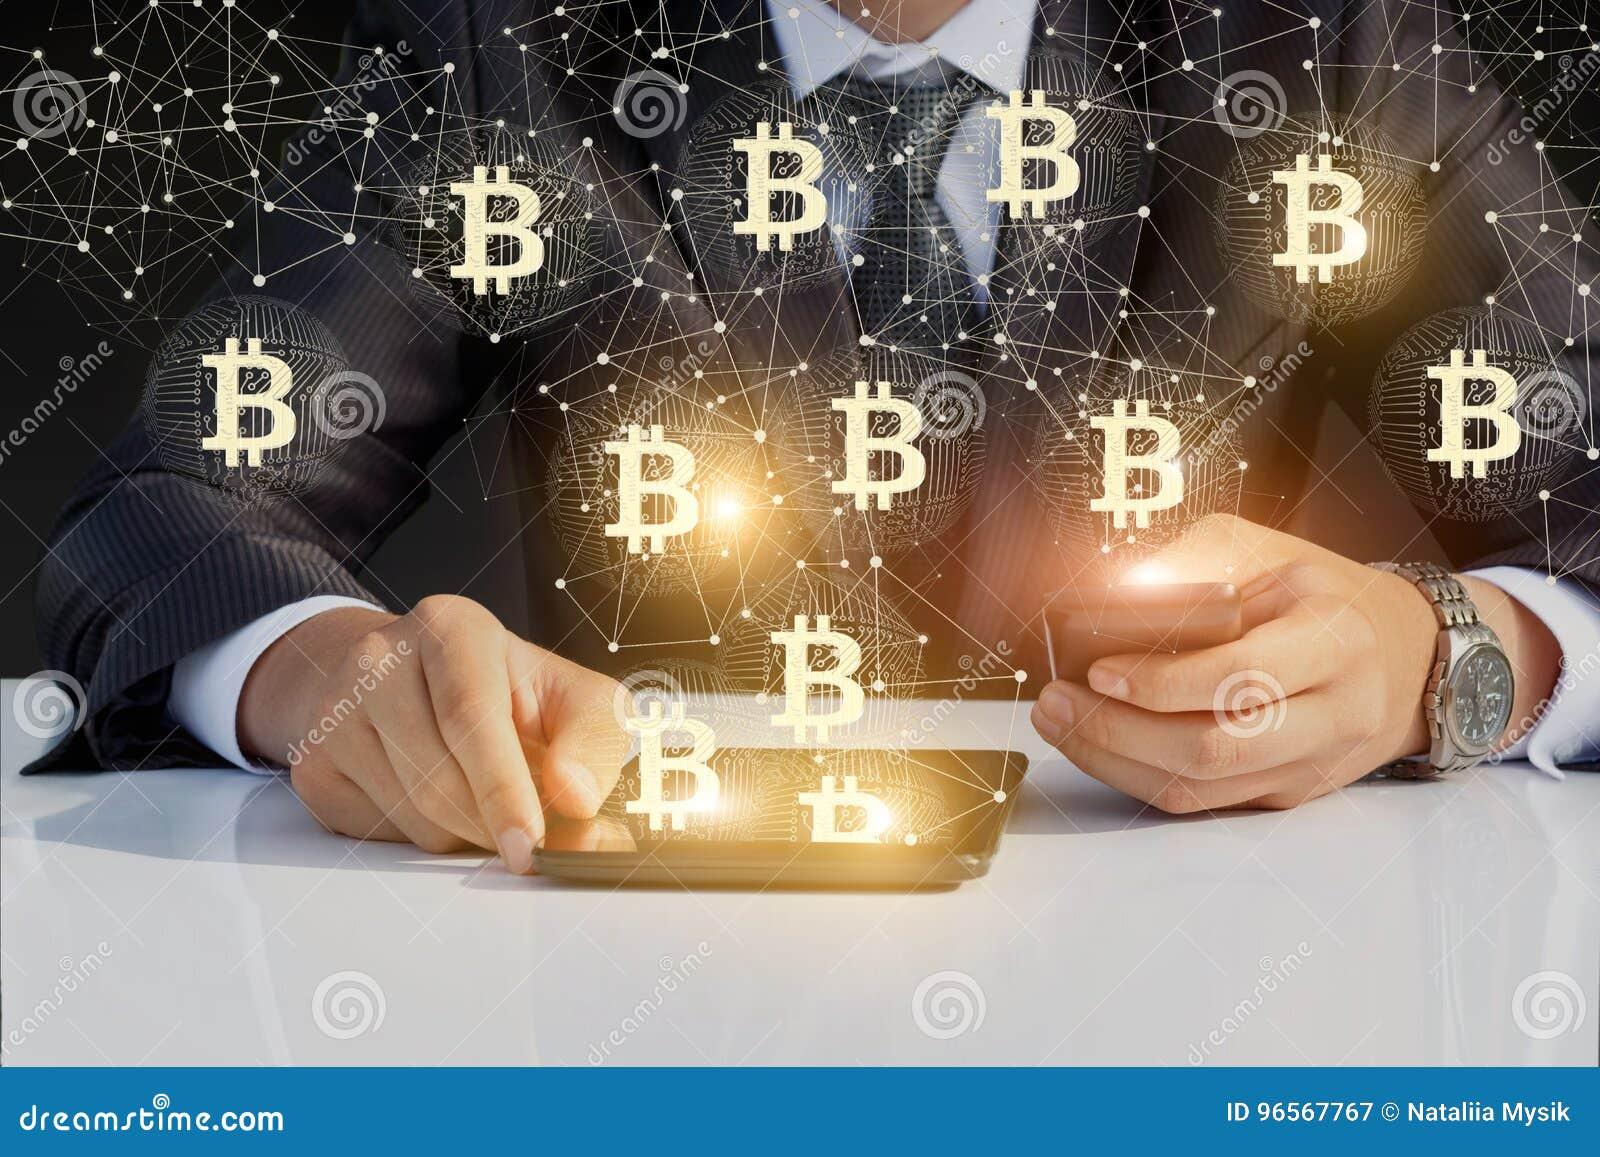 Επιχειρηματίας που τρέχει με το bitcoin στο τηλέφωνο και την ταμπλέτα σας